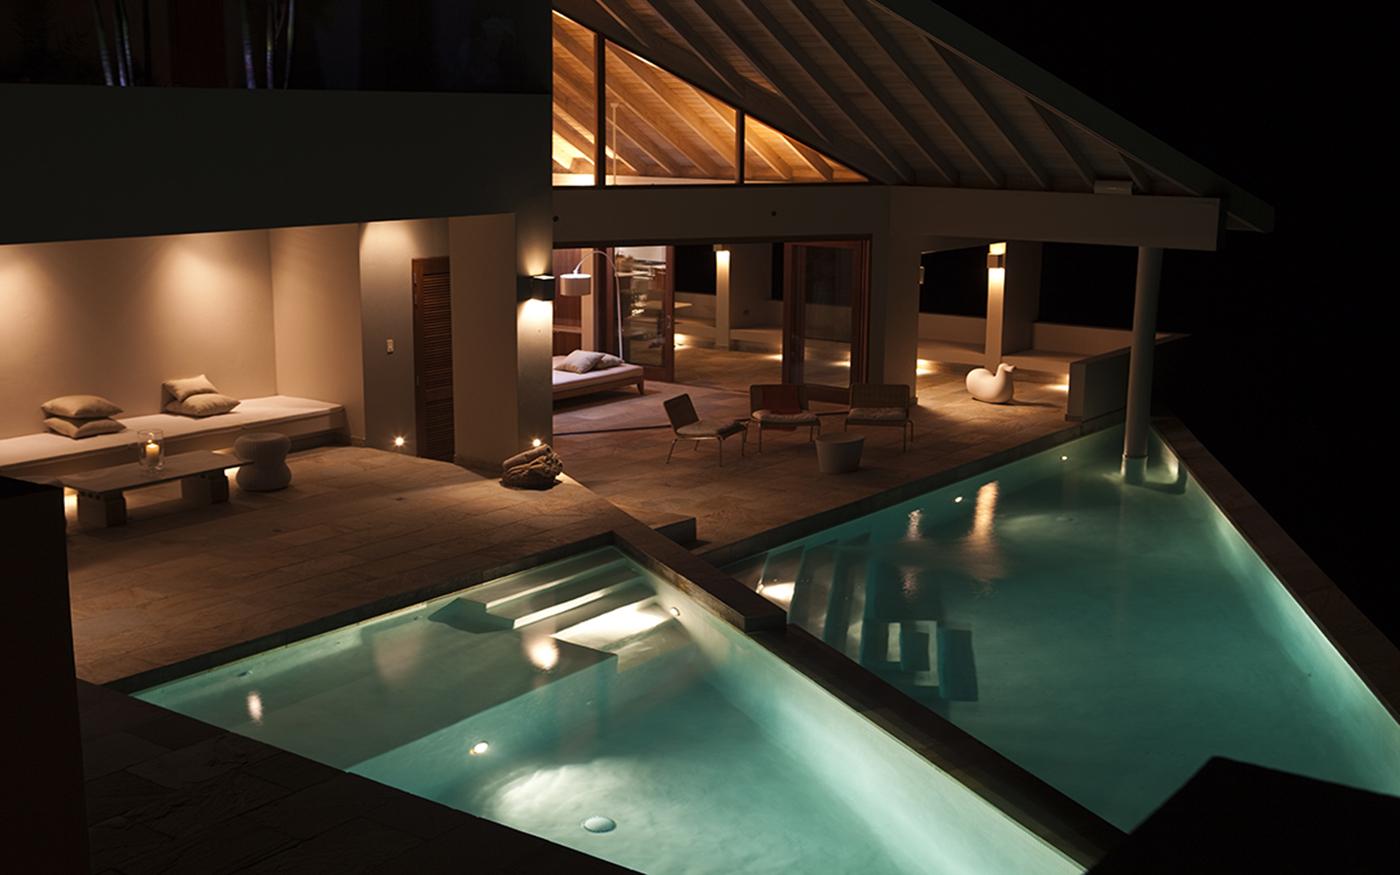 Batu Villa - Alquileres de vacaciones en The Baths, Virgen